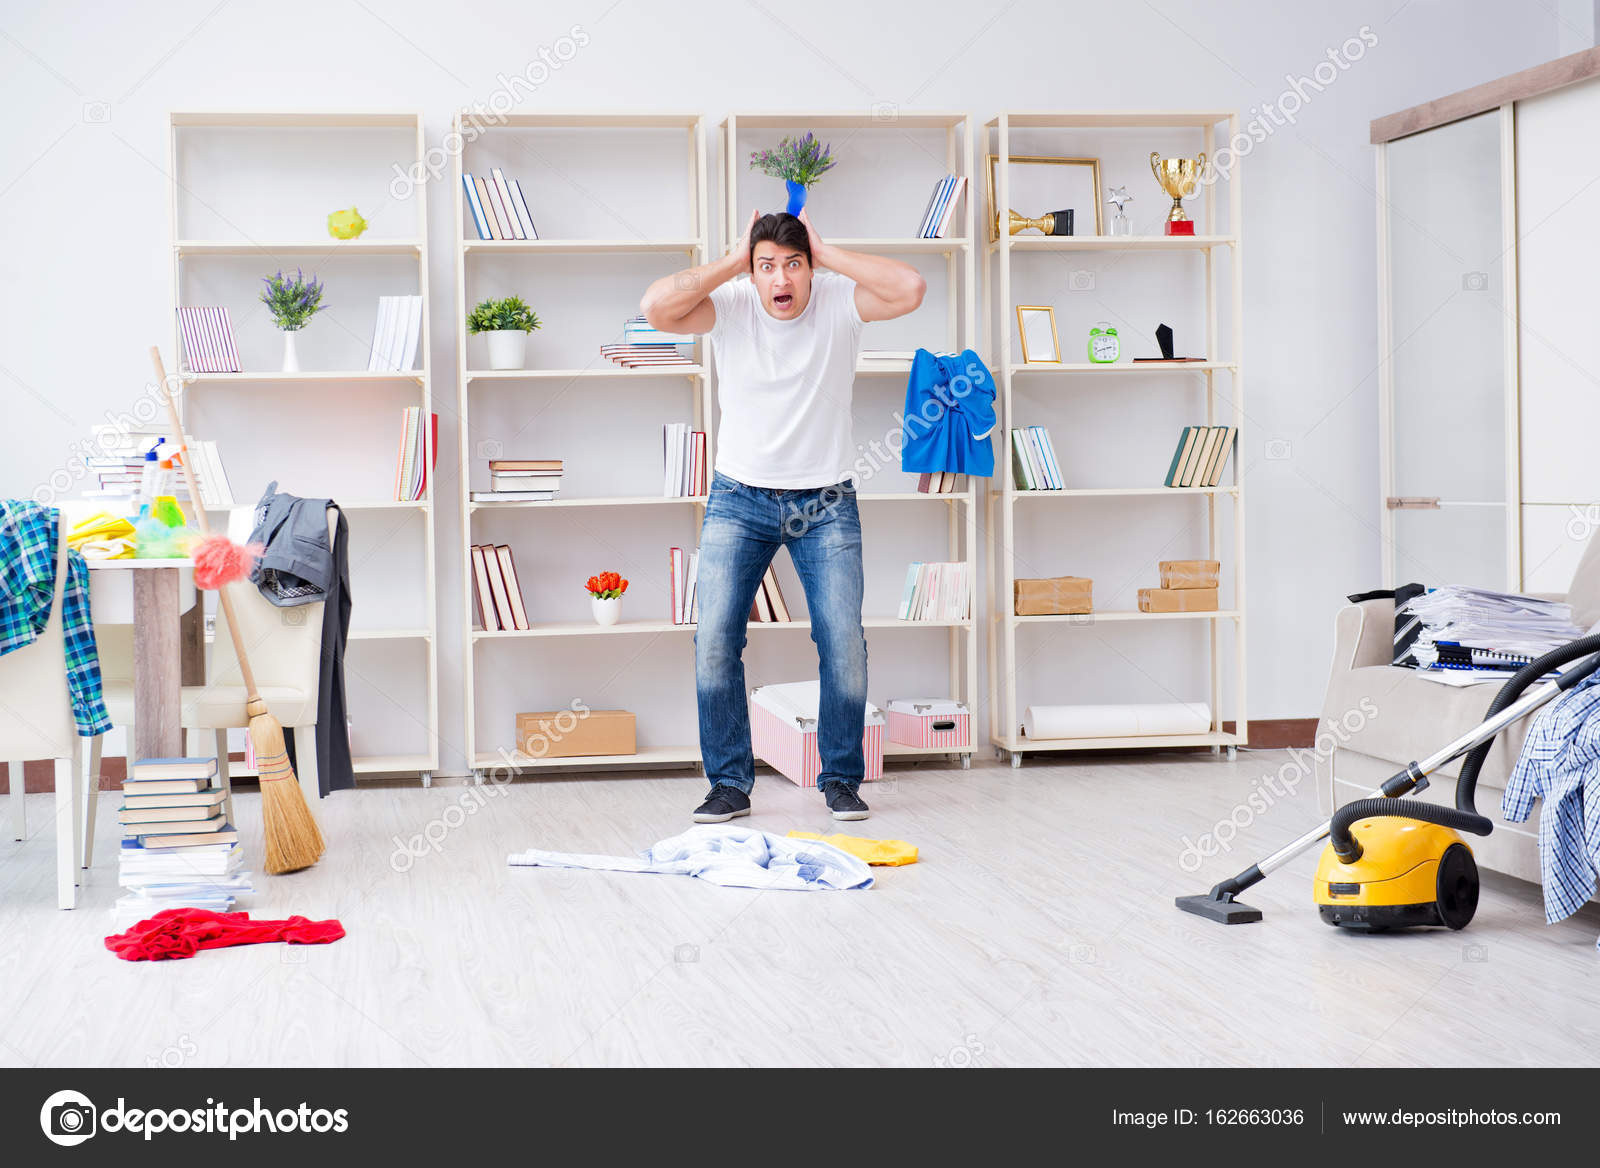 Hombre haciendo limpieza en casa foto de stock elnur - Limpieza en casa ...